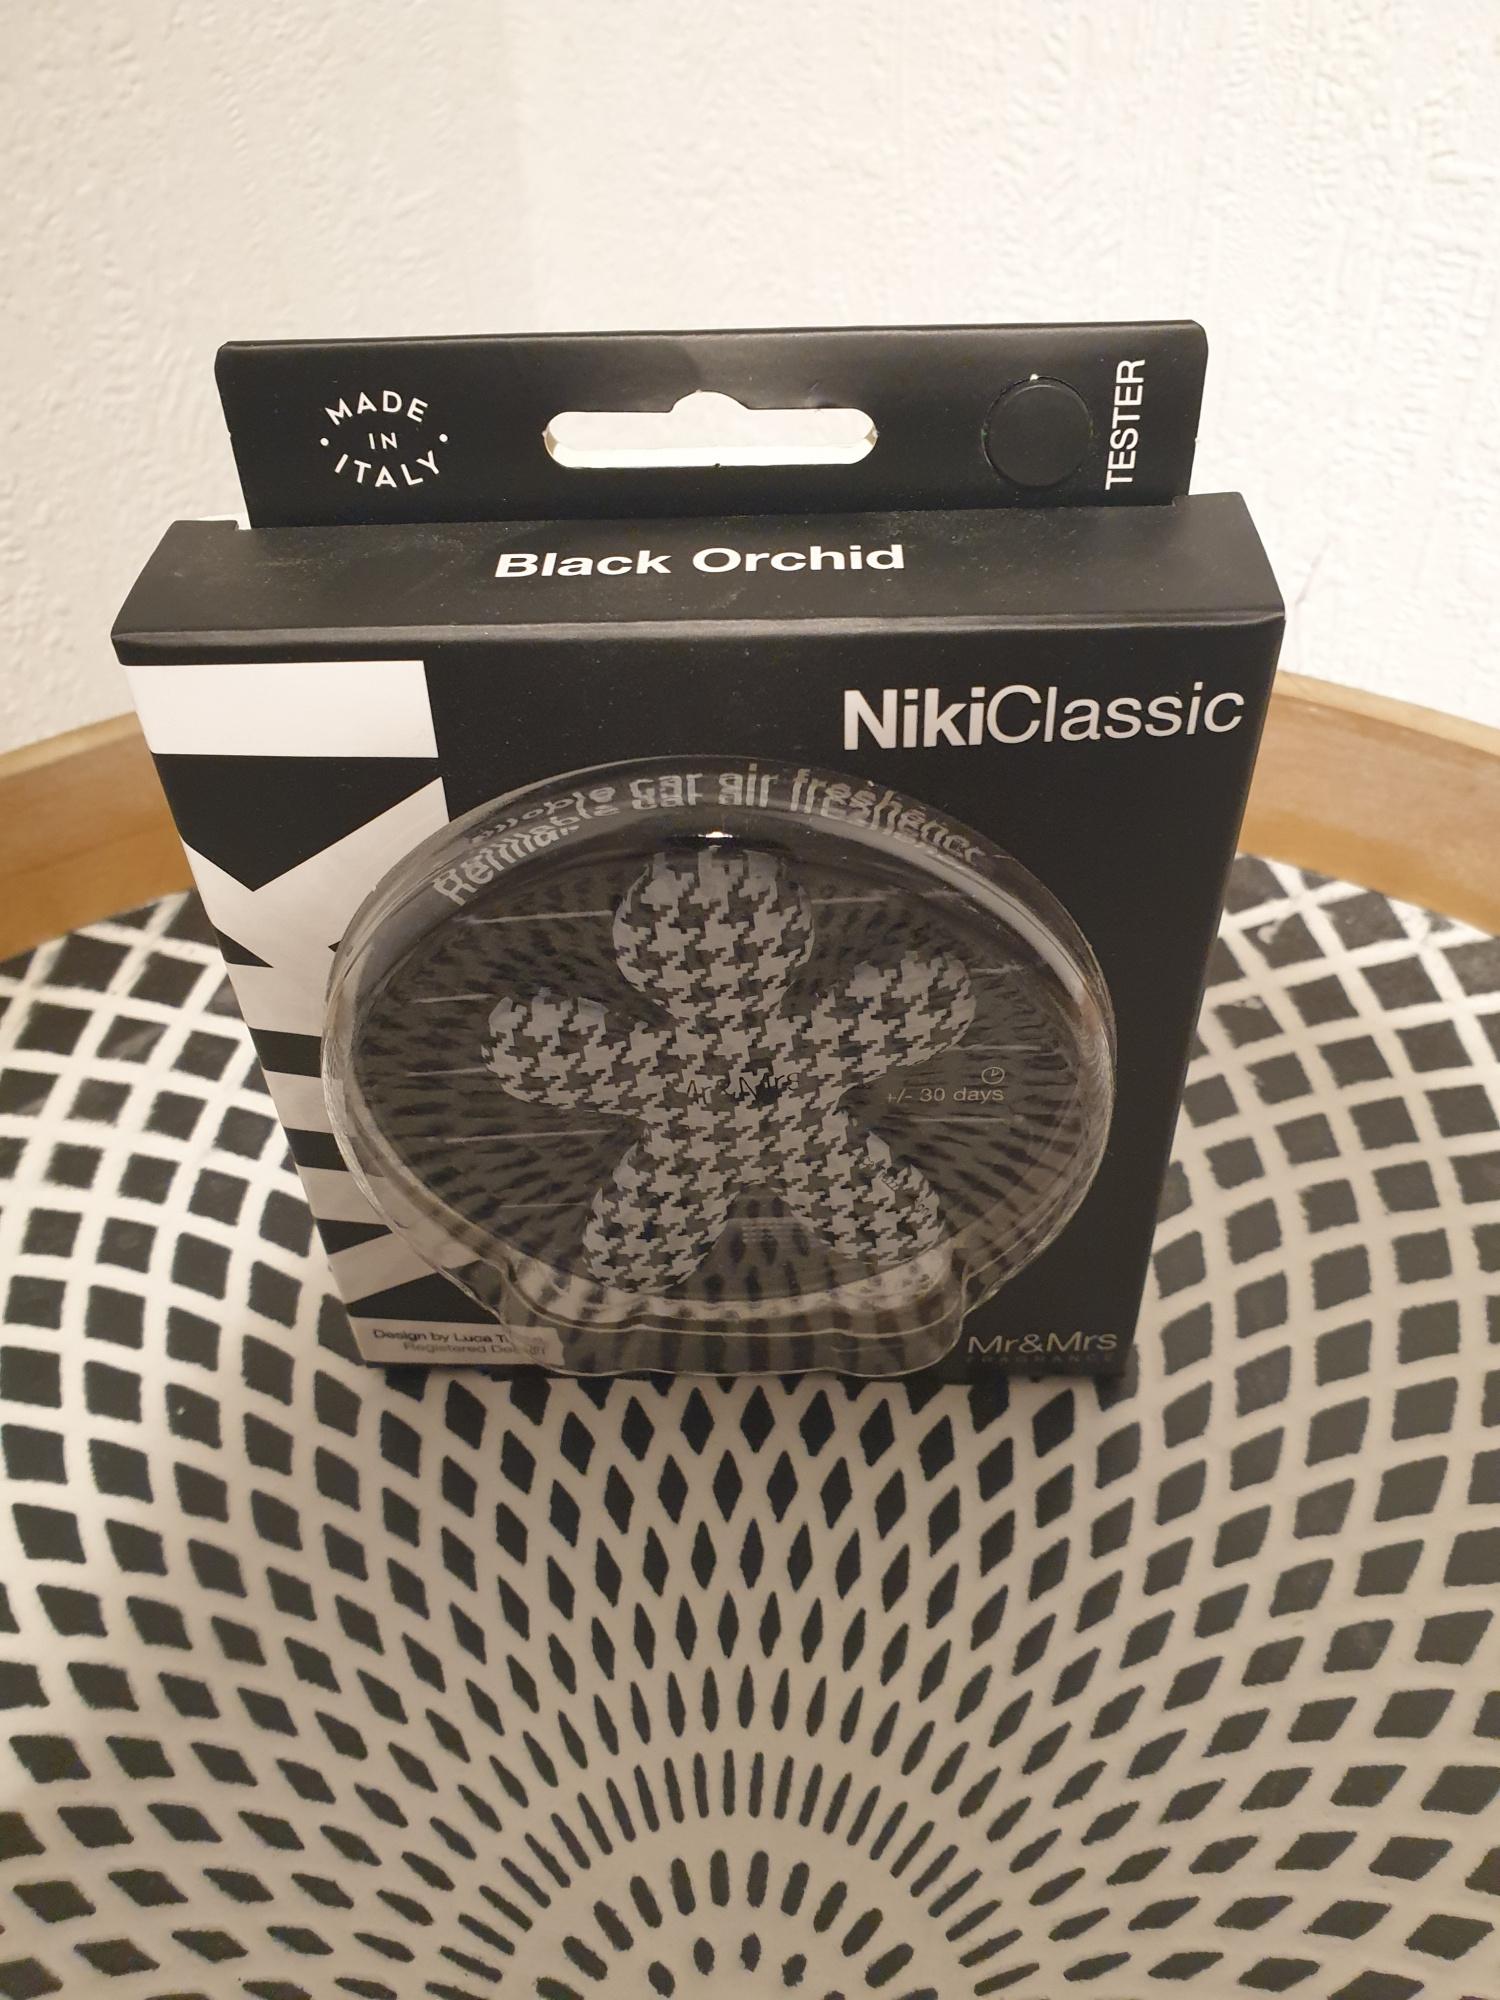 Niki Classic Noir et blanc tacheté avec recharge Black orchid